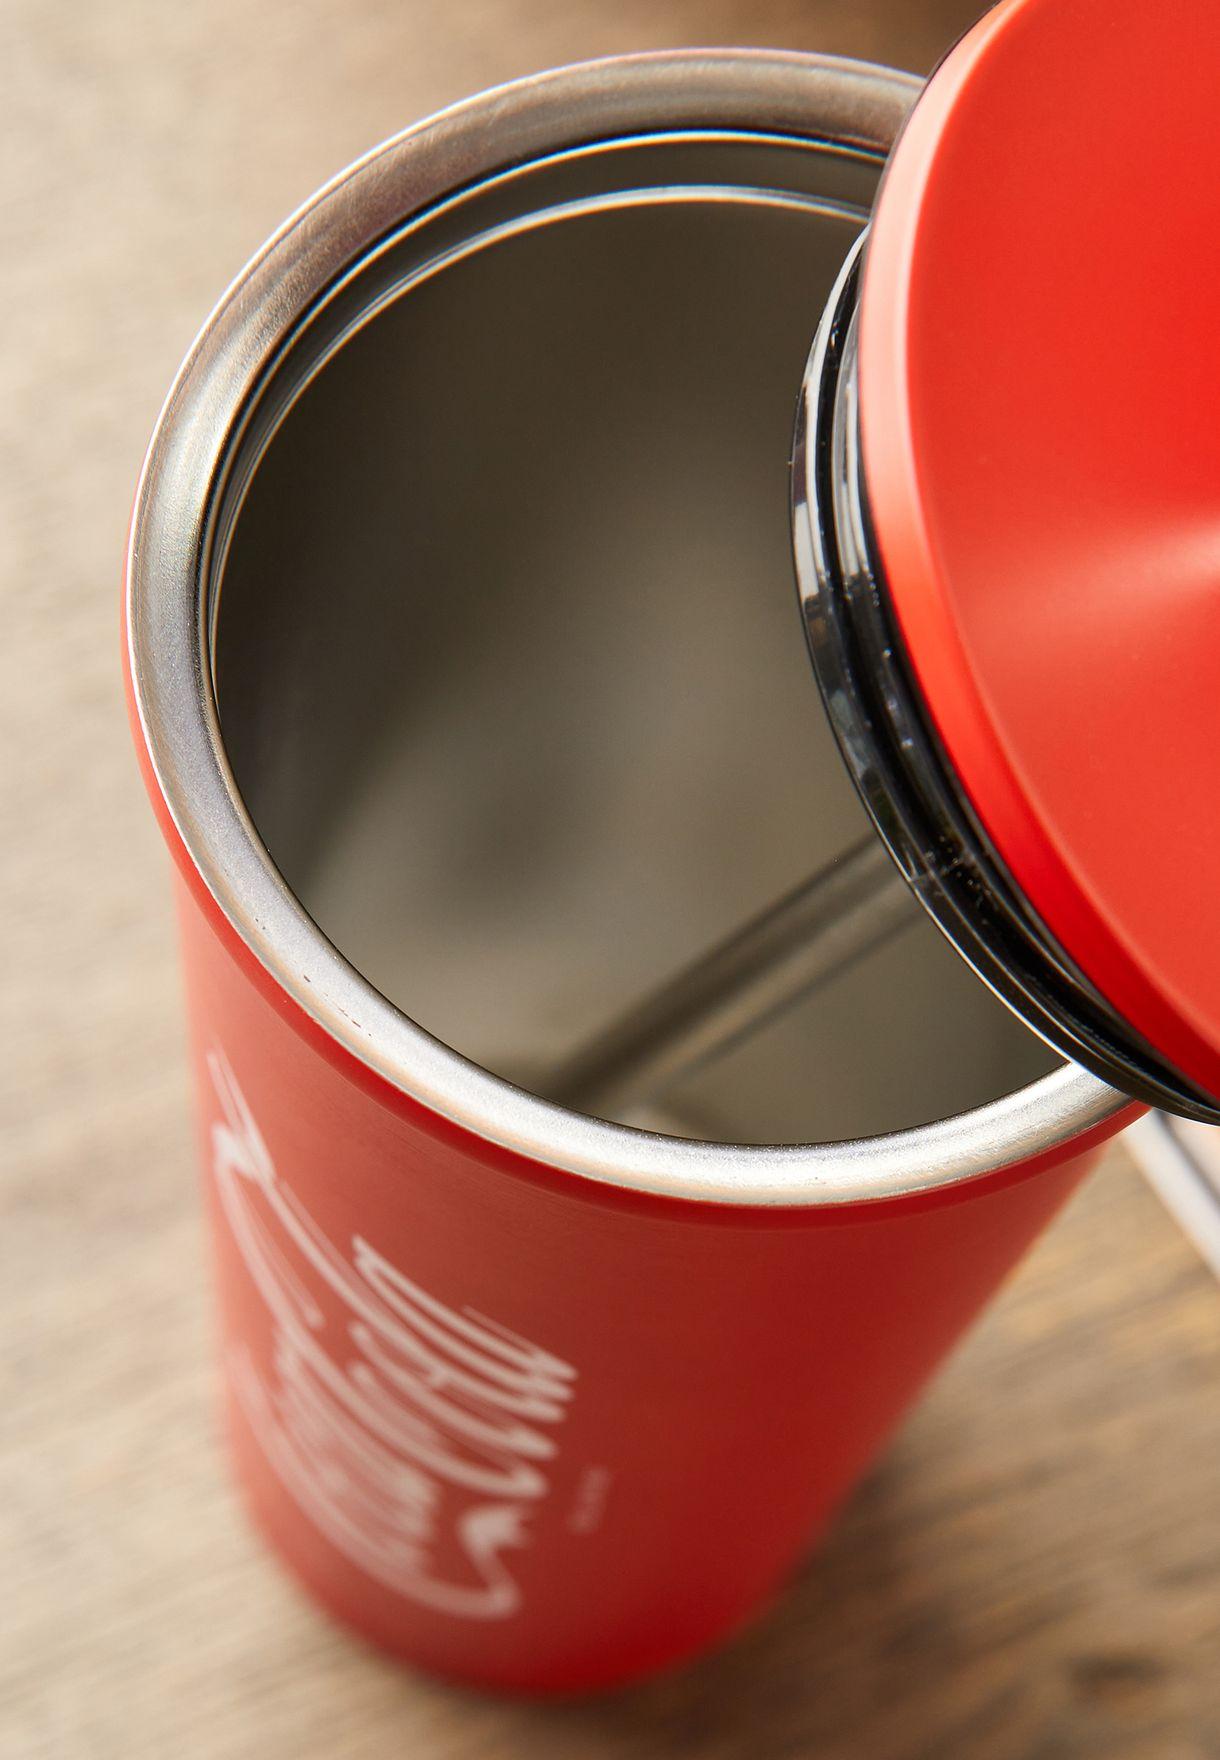 Coca Cola Smoothie Cup